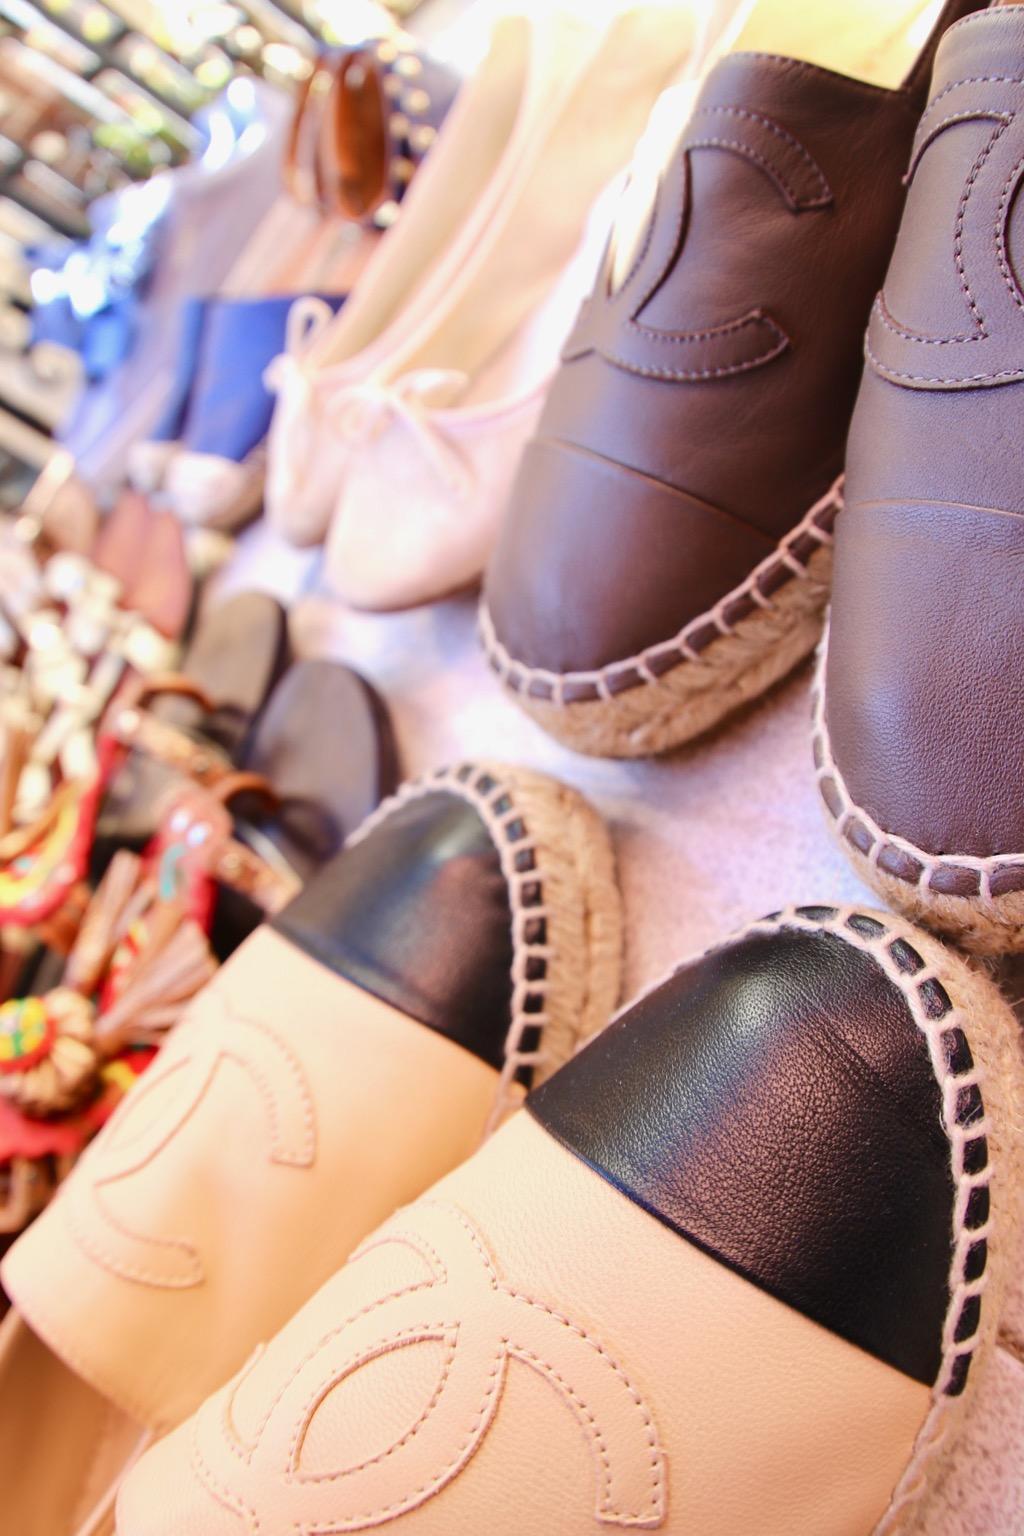 Mode Bowsome De Mes BilanBlog ChaussuresLe XkOZiTuP